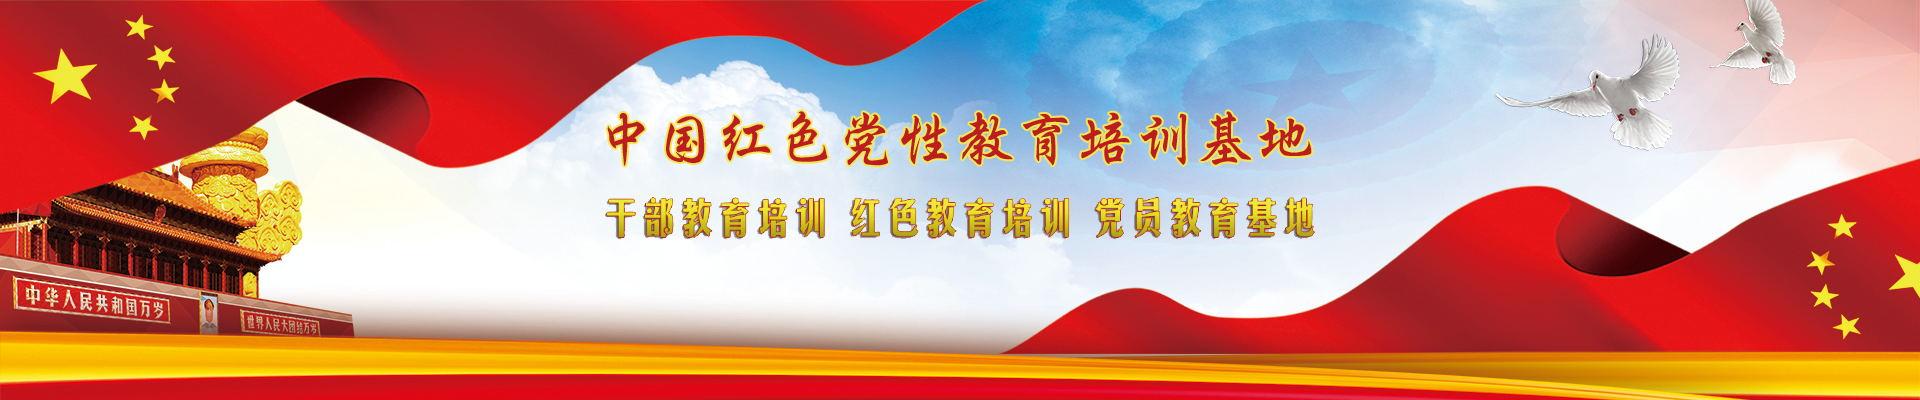 新县红色教育培训